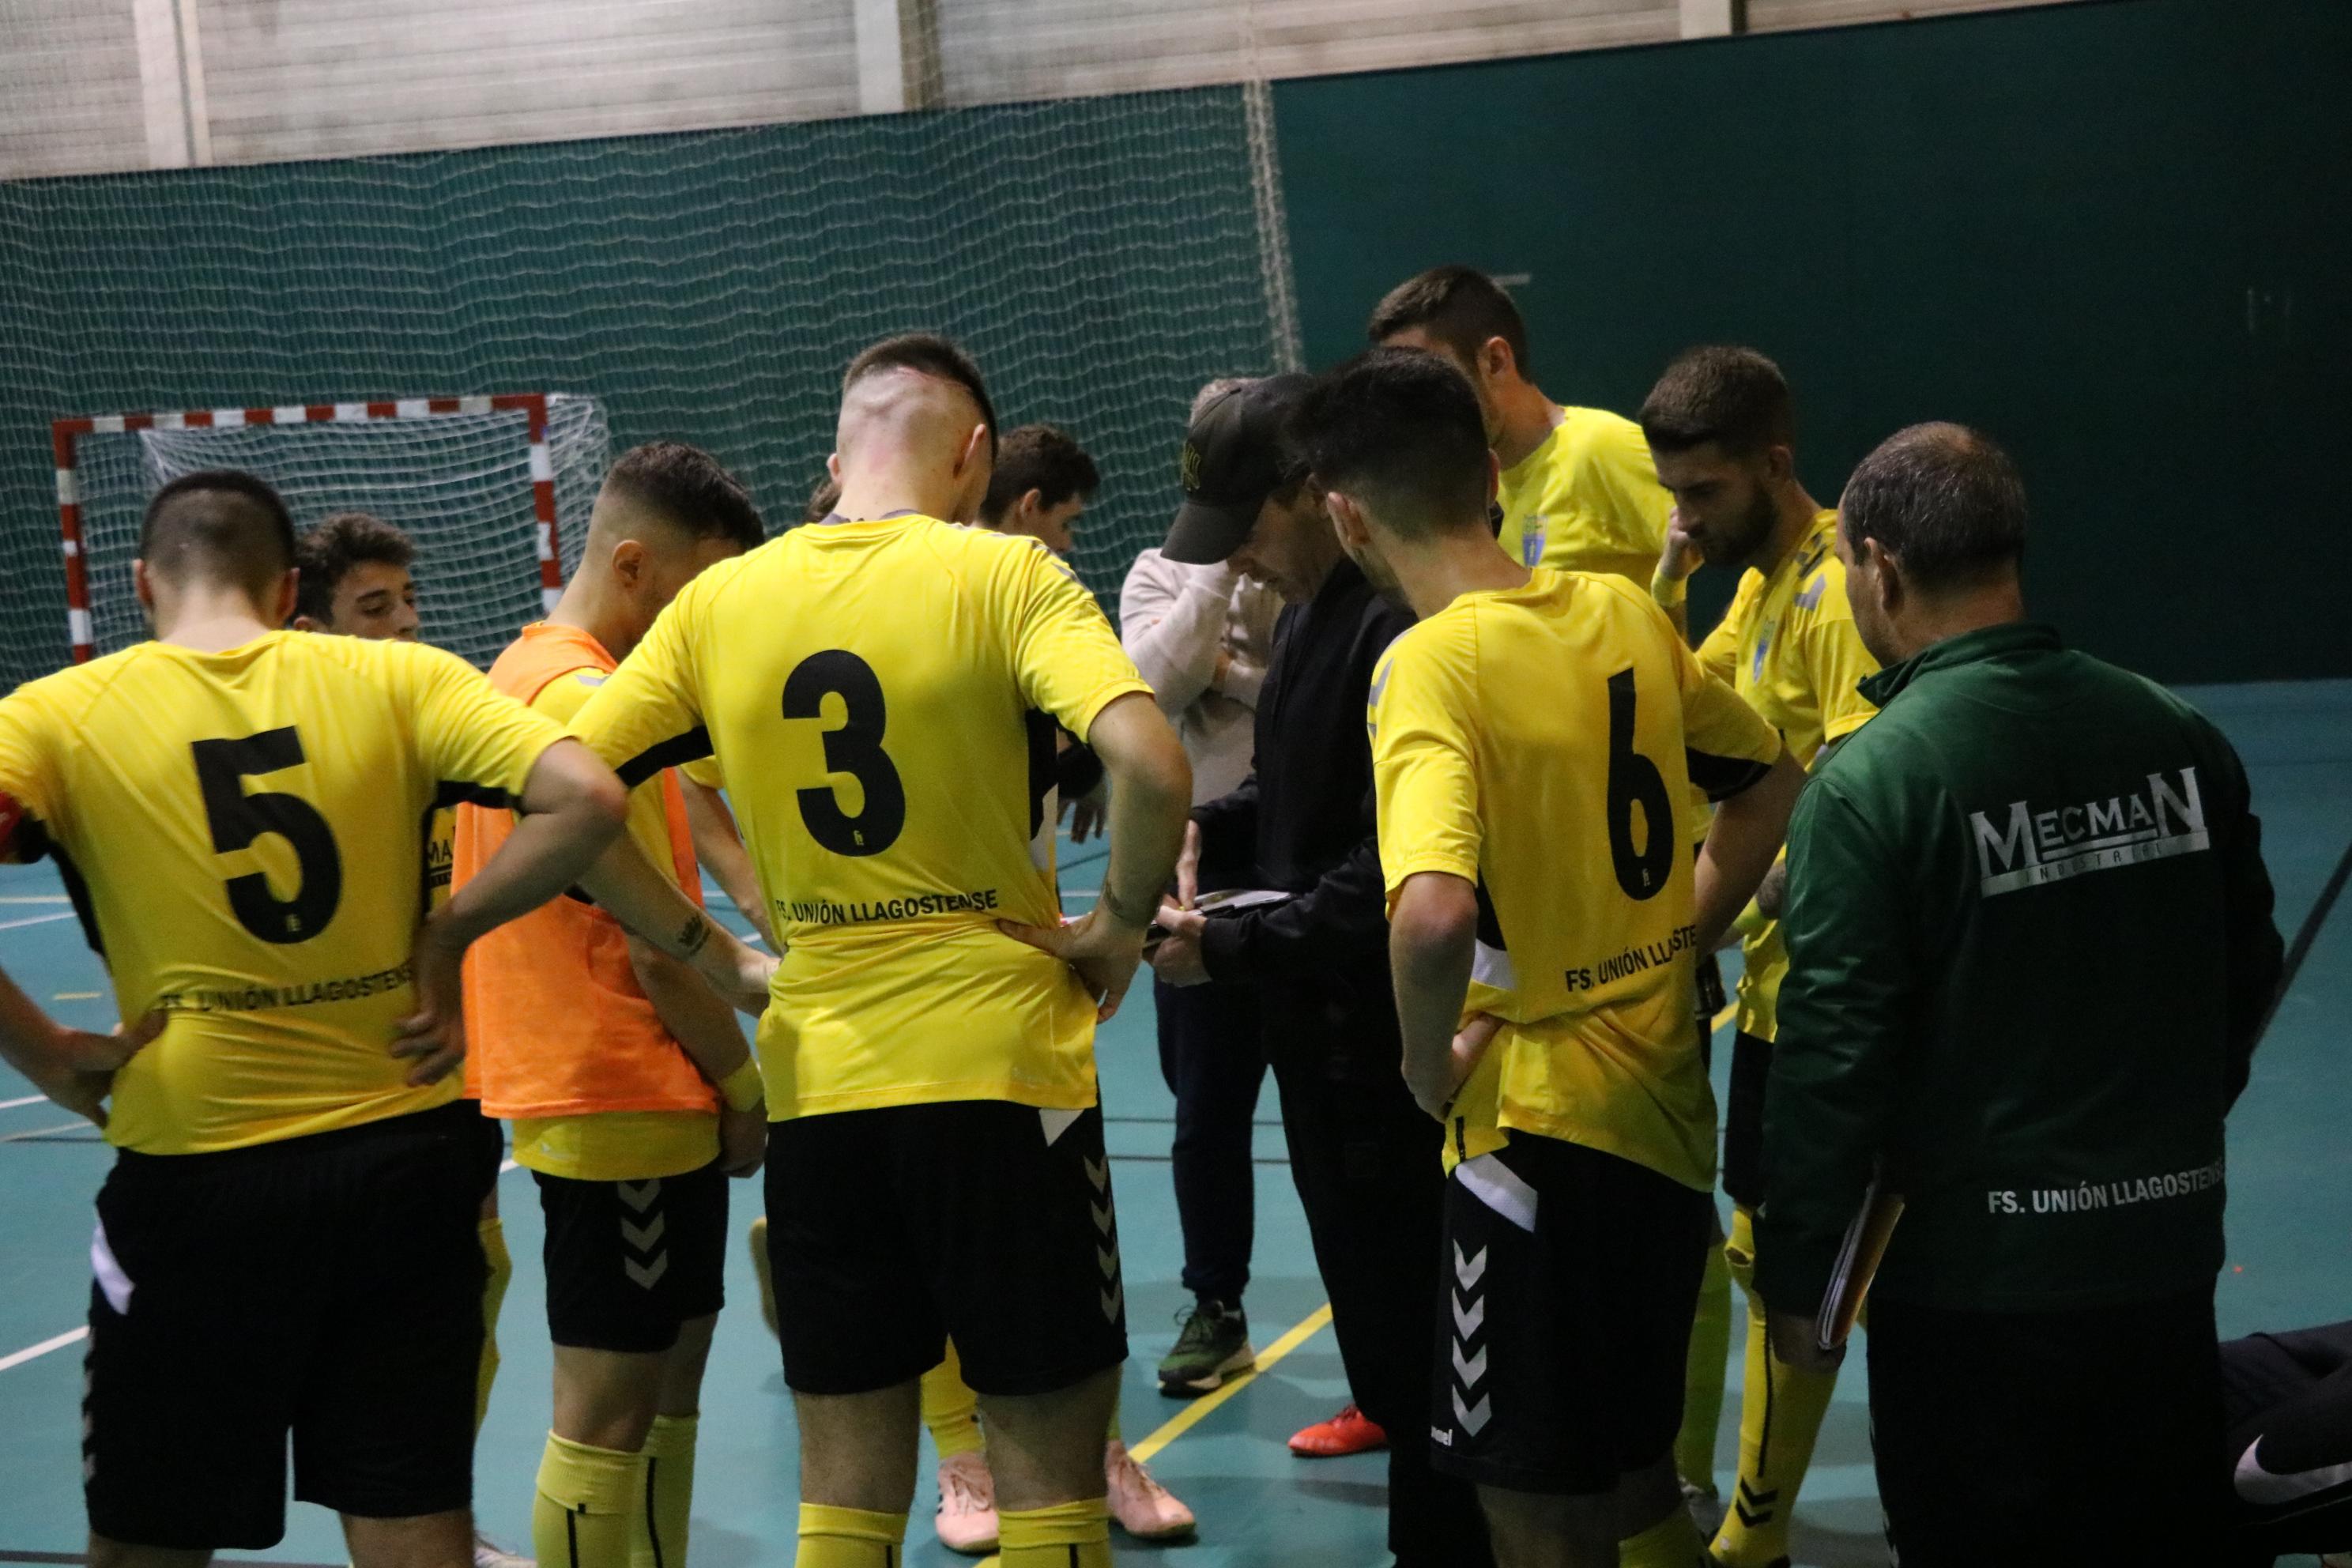 El FS Unión Llagostense empata contra el Prat (2-2) i surt de l'últim lloc